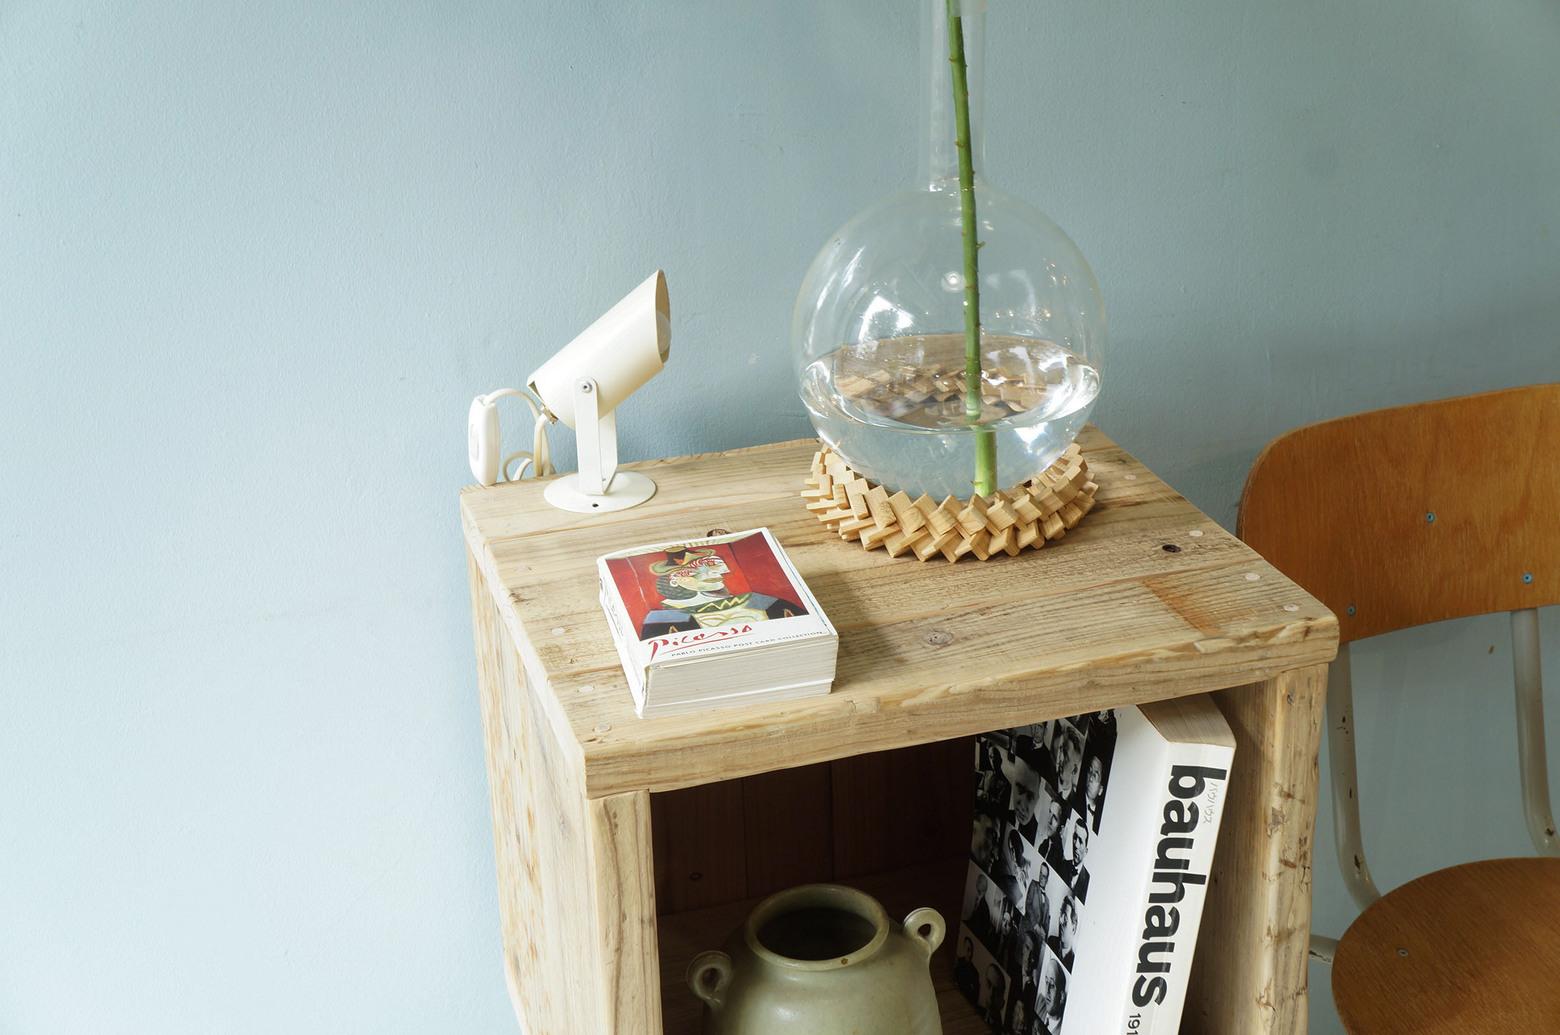 Pine Wood Box With Iron Leg/ウッドボックス パイン材 アイアン ディスプレイ ラック インダストリアル 2